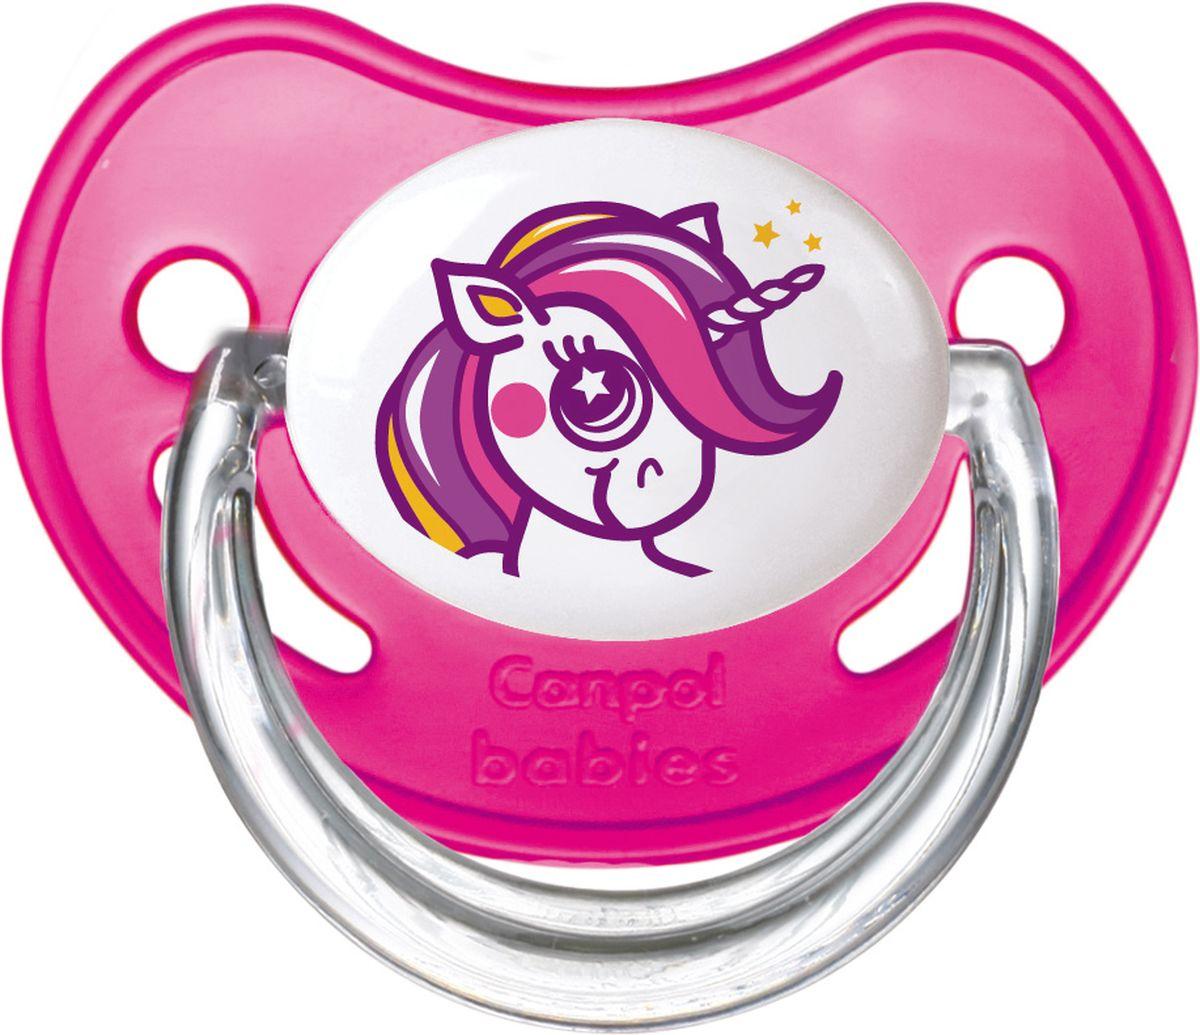 Canpol Babies Пустышка латексная ортодонтическая Fairy Tale от 6 до 18 месяцев цвет розовый